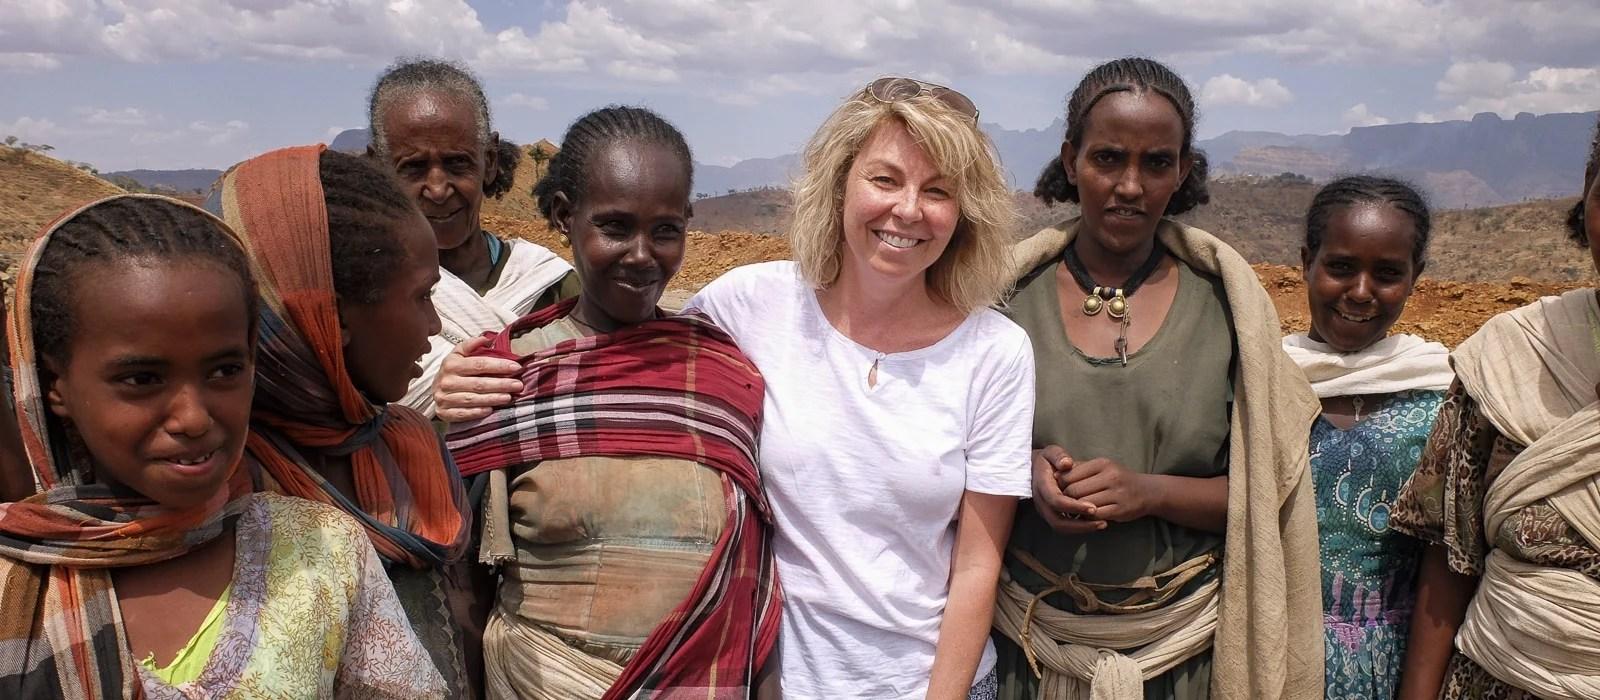 img-diapo-entete - Ethiopie-1600x700-12.jpg